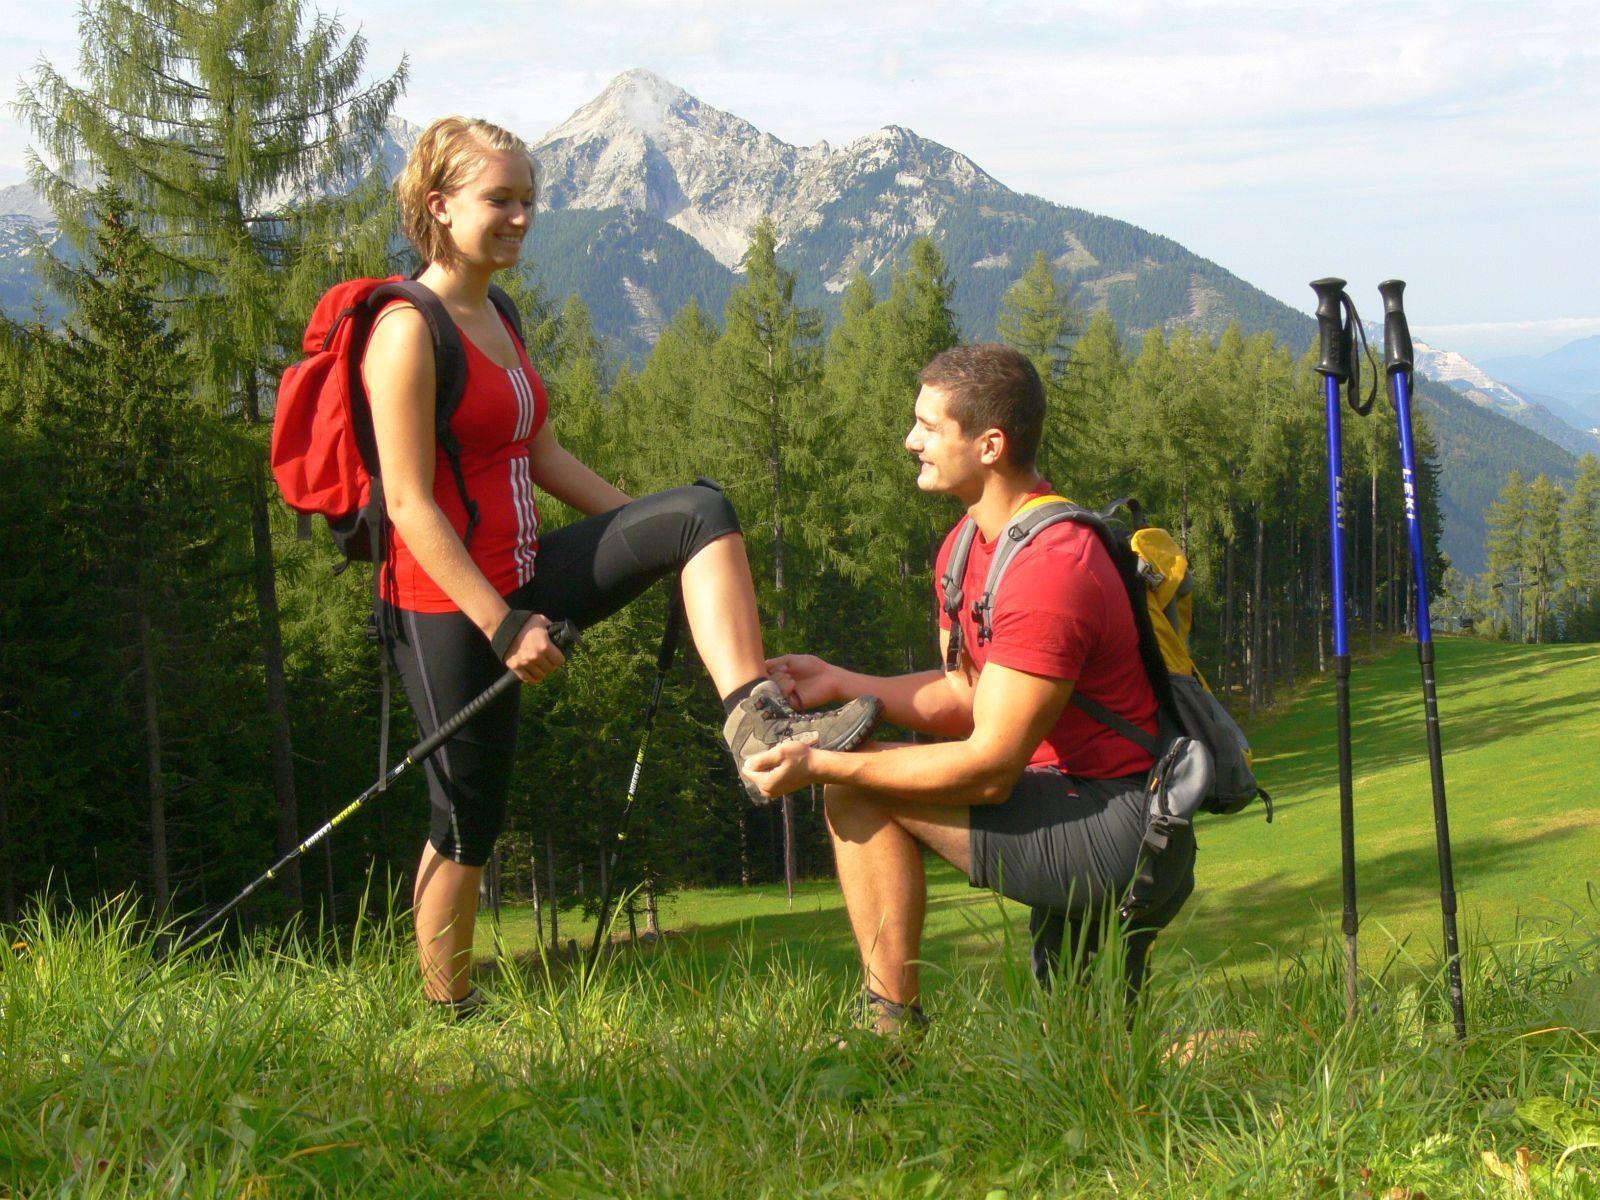 Warum gibt es in Vorarlberg so viele Singles? - autogenitrening.com